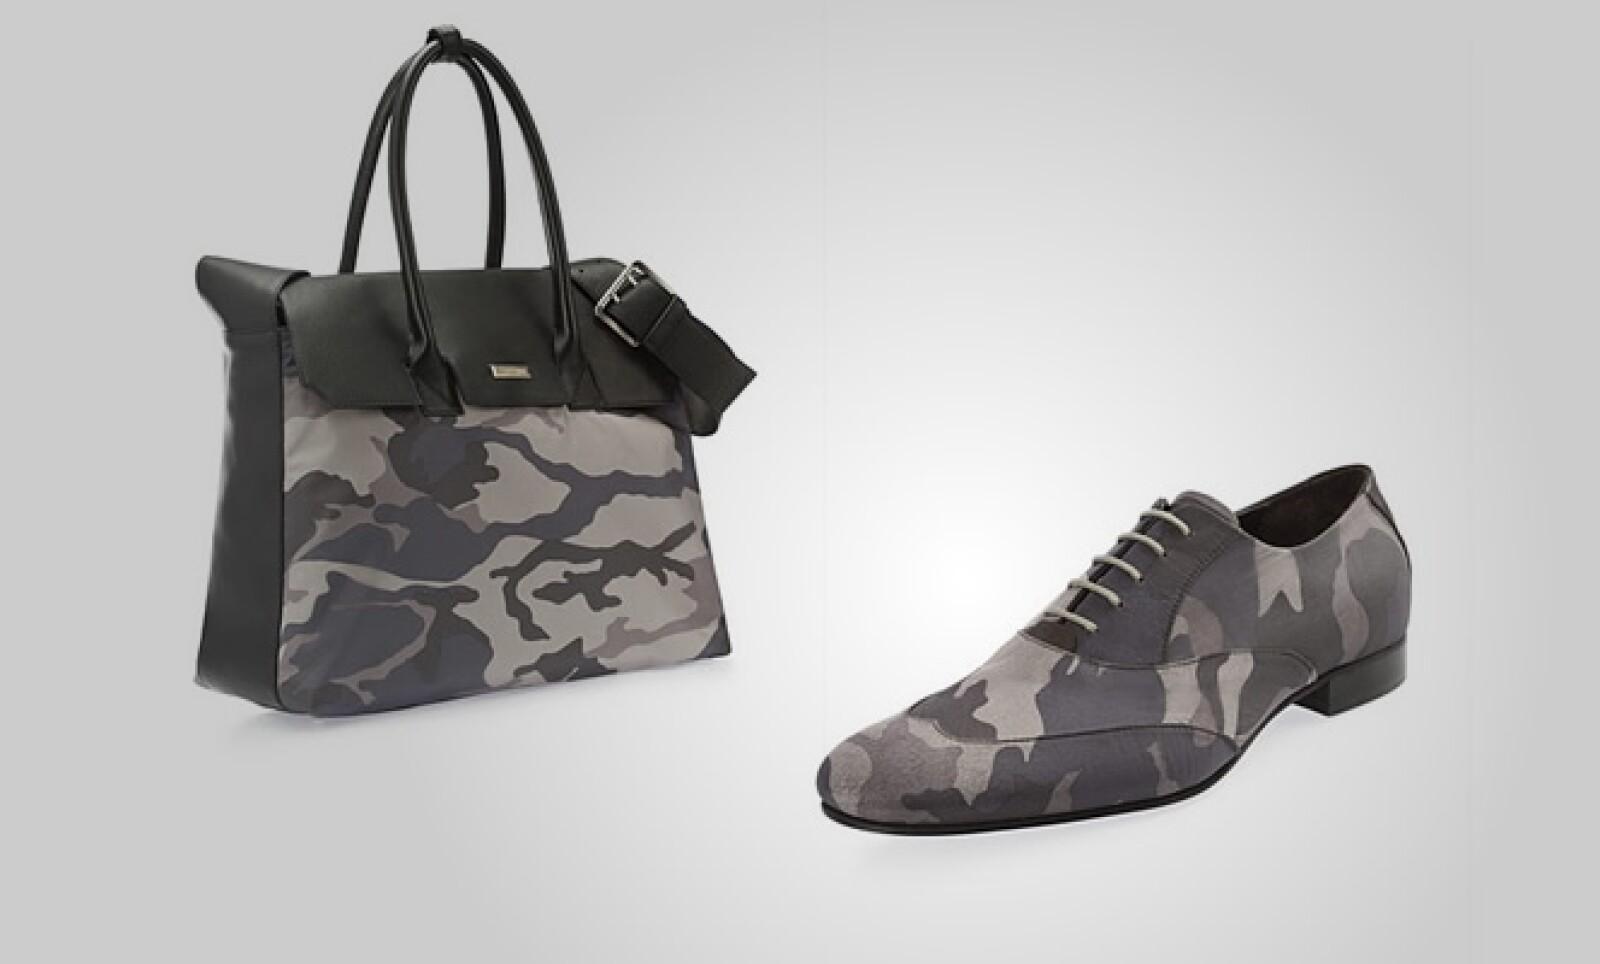 La marca también tiene como tendencia los colores militares, pero en tonos grises y blancos.